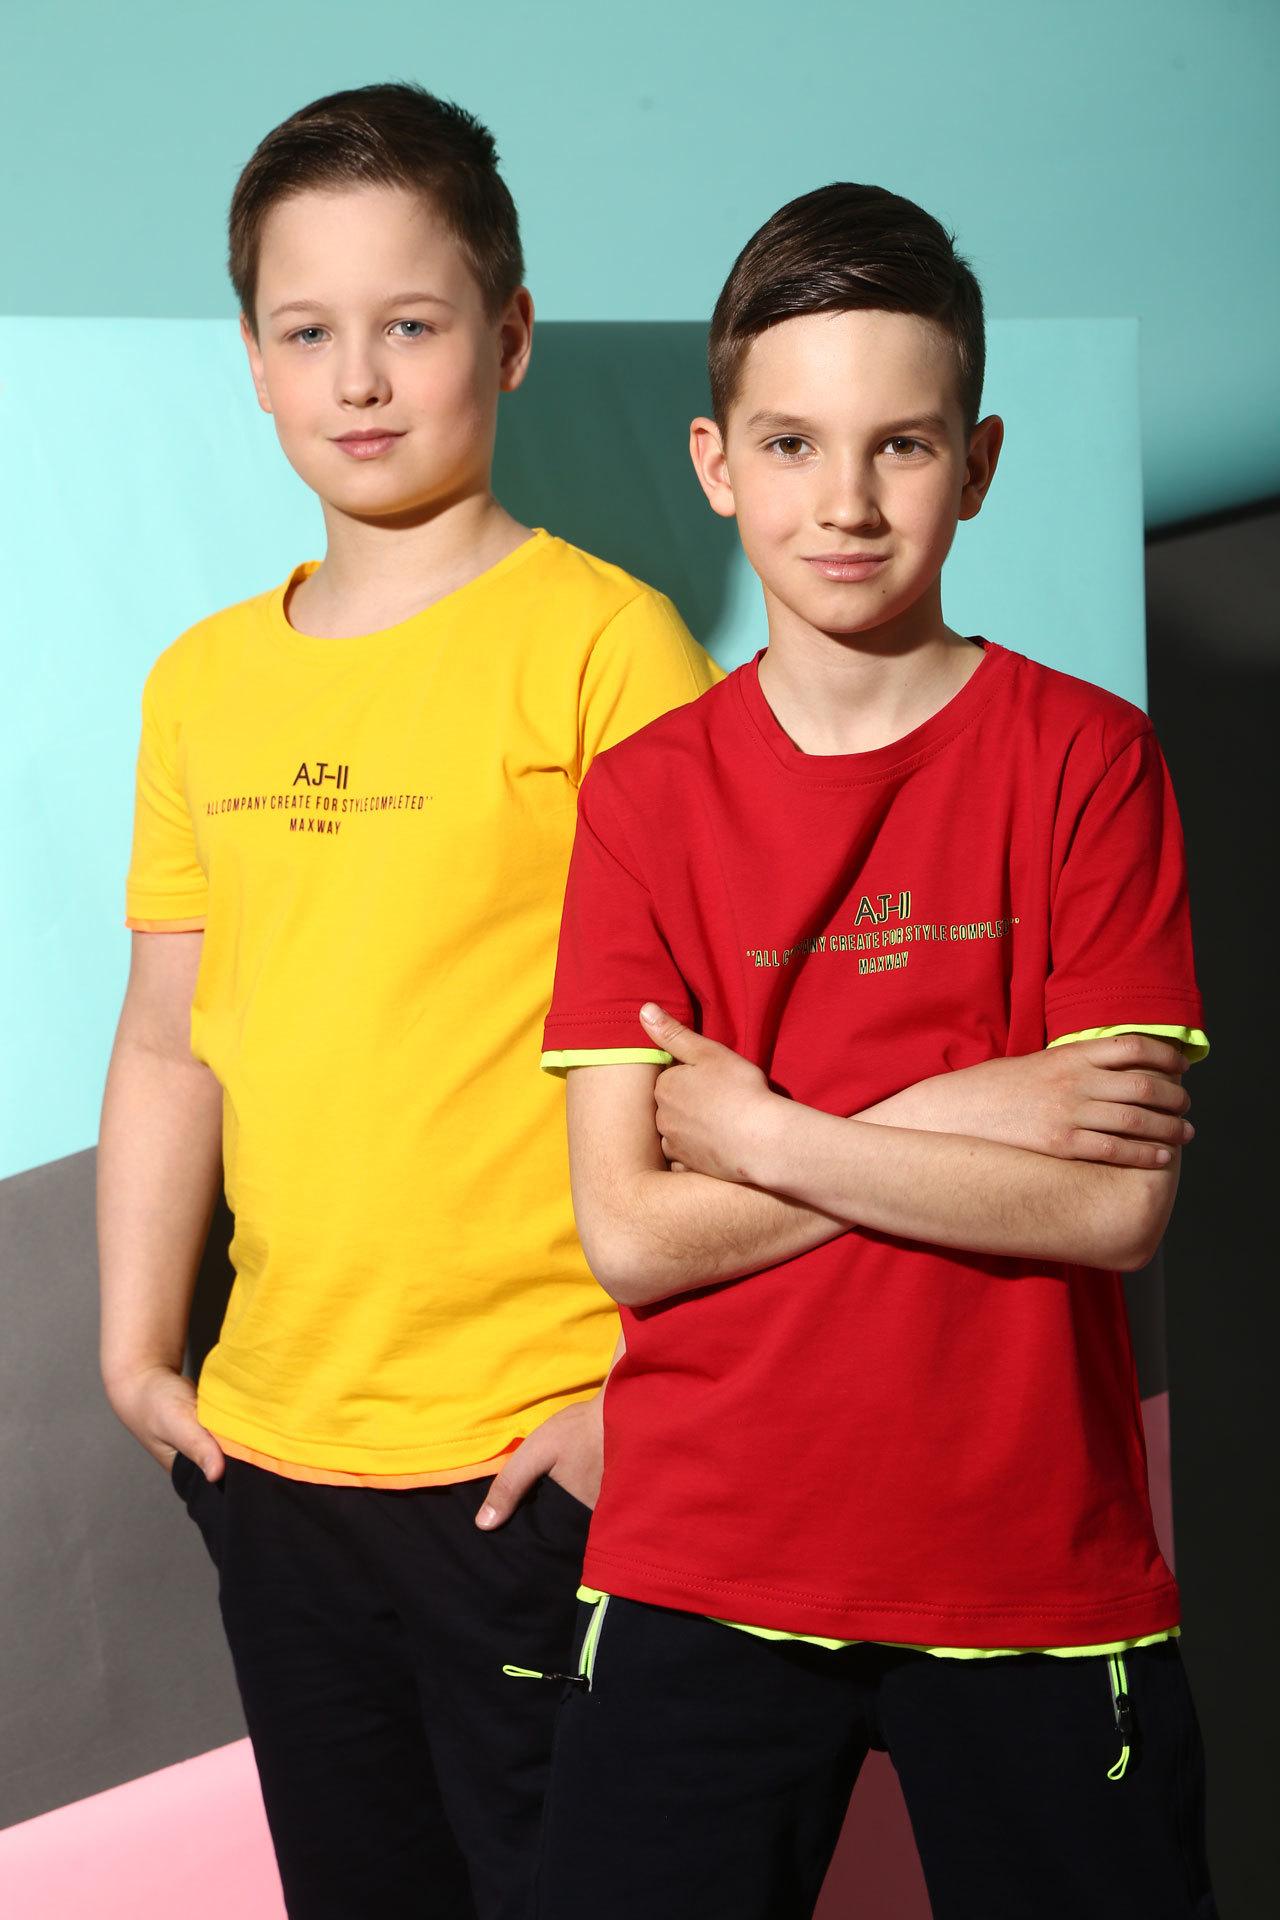 Футболка для мальчика AJ-11 Bold Турция, 7533 (140-176)